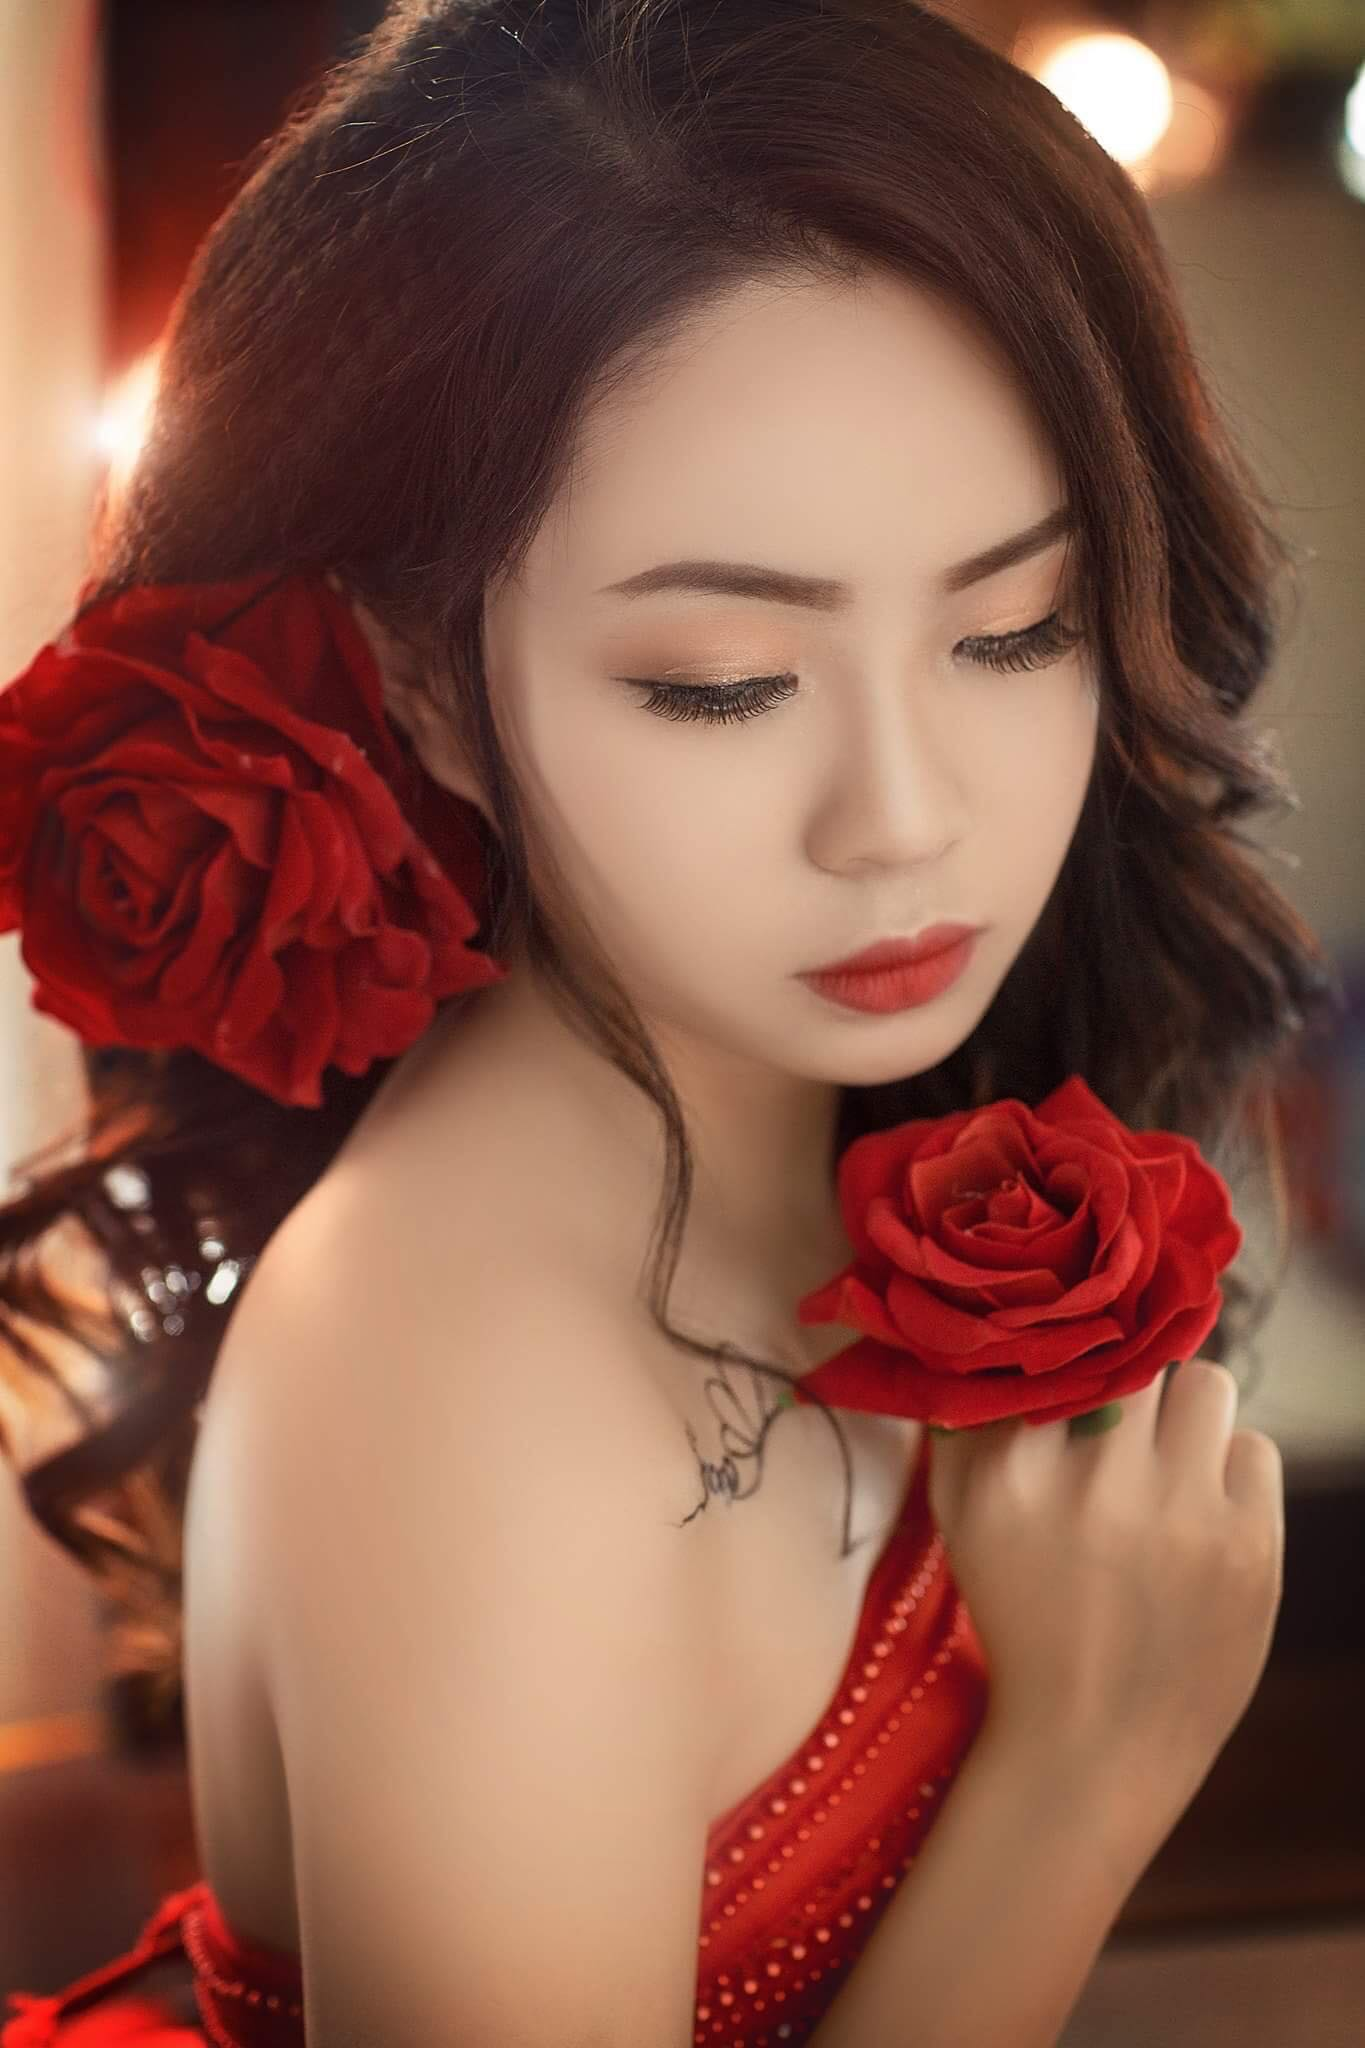 Gần đây nữ sinh FPT được nhiều người biết hơn khi tham gia gameshow ''Đại chiến kén rể của đài HTV7'' và ''Cuộc thi Miss Vietnam Photo Model''. Mỗi lần đứng trên sân khấu mang lại cho Trang nhiều trải nghiệm đáng giá. Cô trưởng thành hơn sau mỗi cuộc thi.